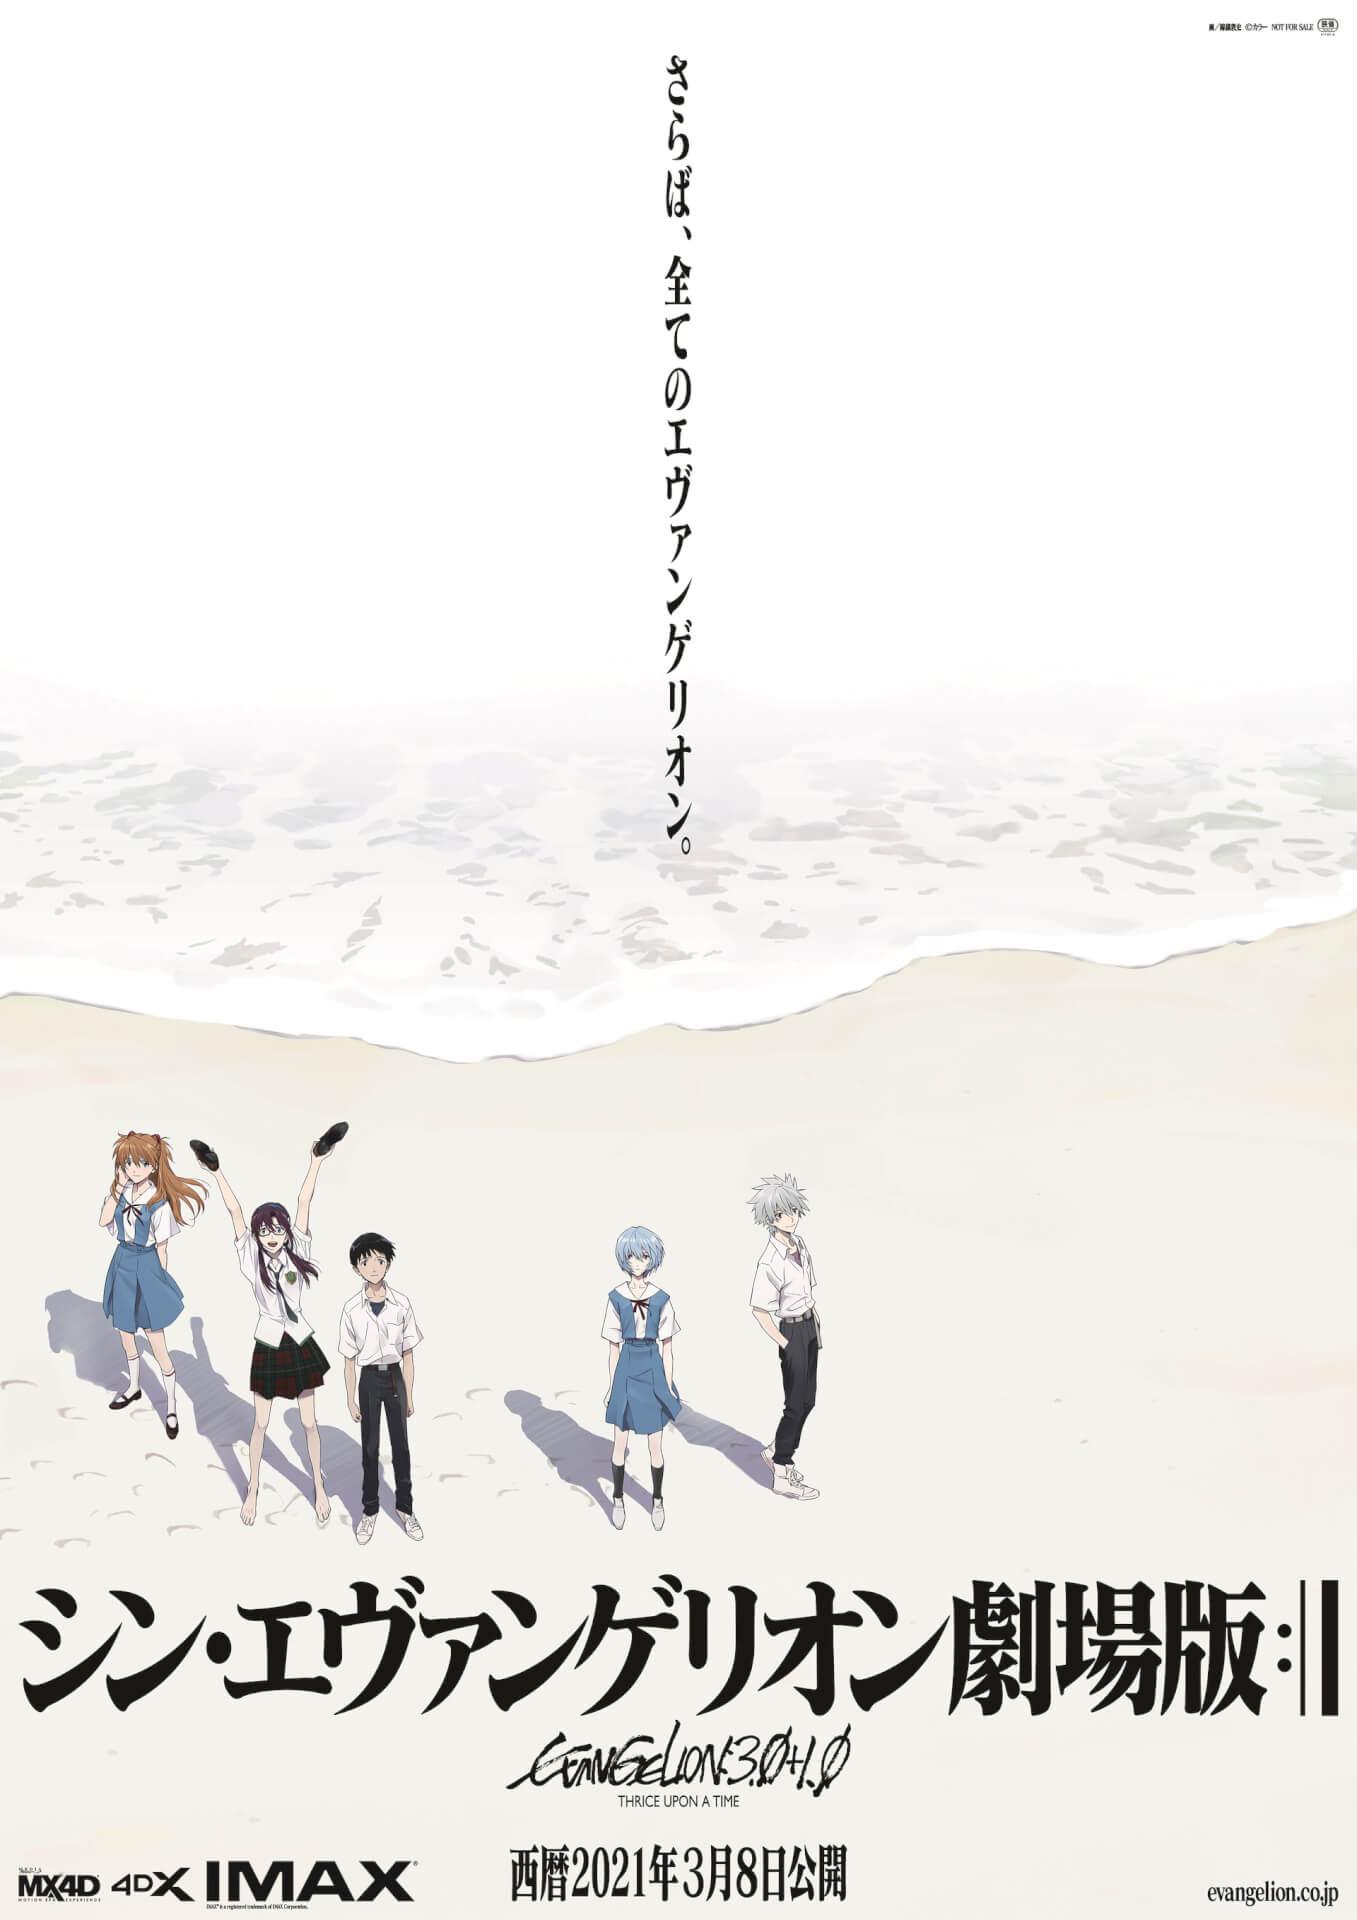 『シン・エヴァンゲリオン劇場版』初日で興収8億円突破!『:Q』の初日記録を大幅更新 film210309_eva_main